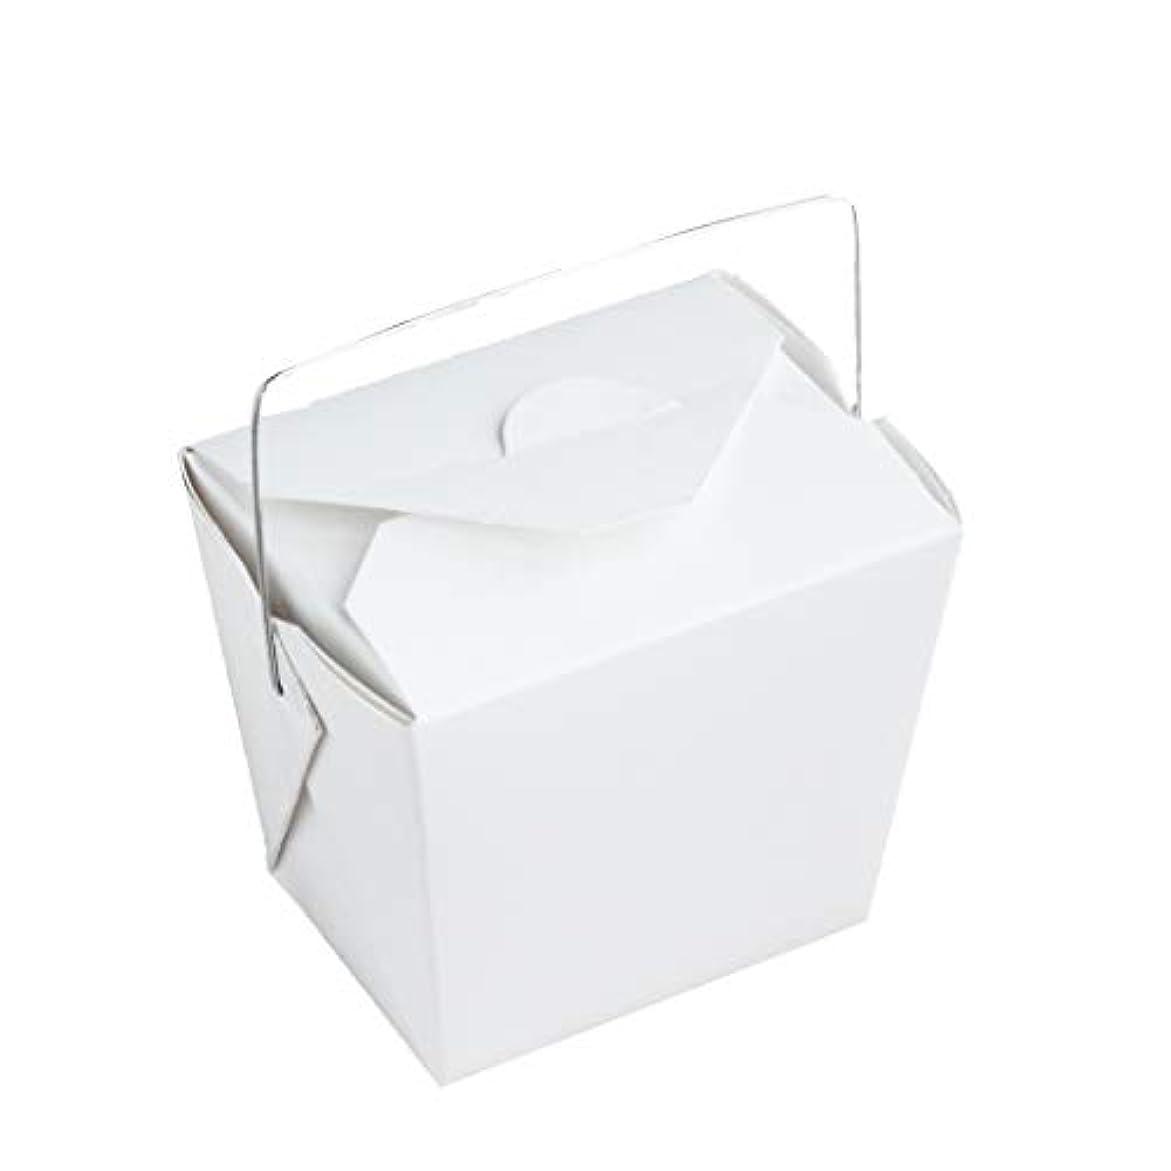 独立負玉手作り石けん用 ワイヤー取っ手付きホワイトペーパー型